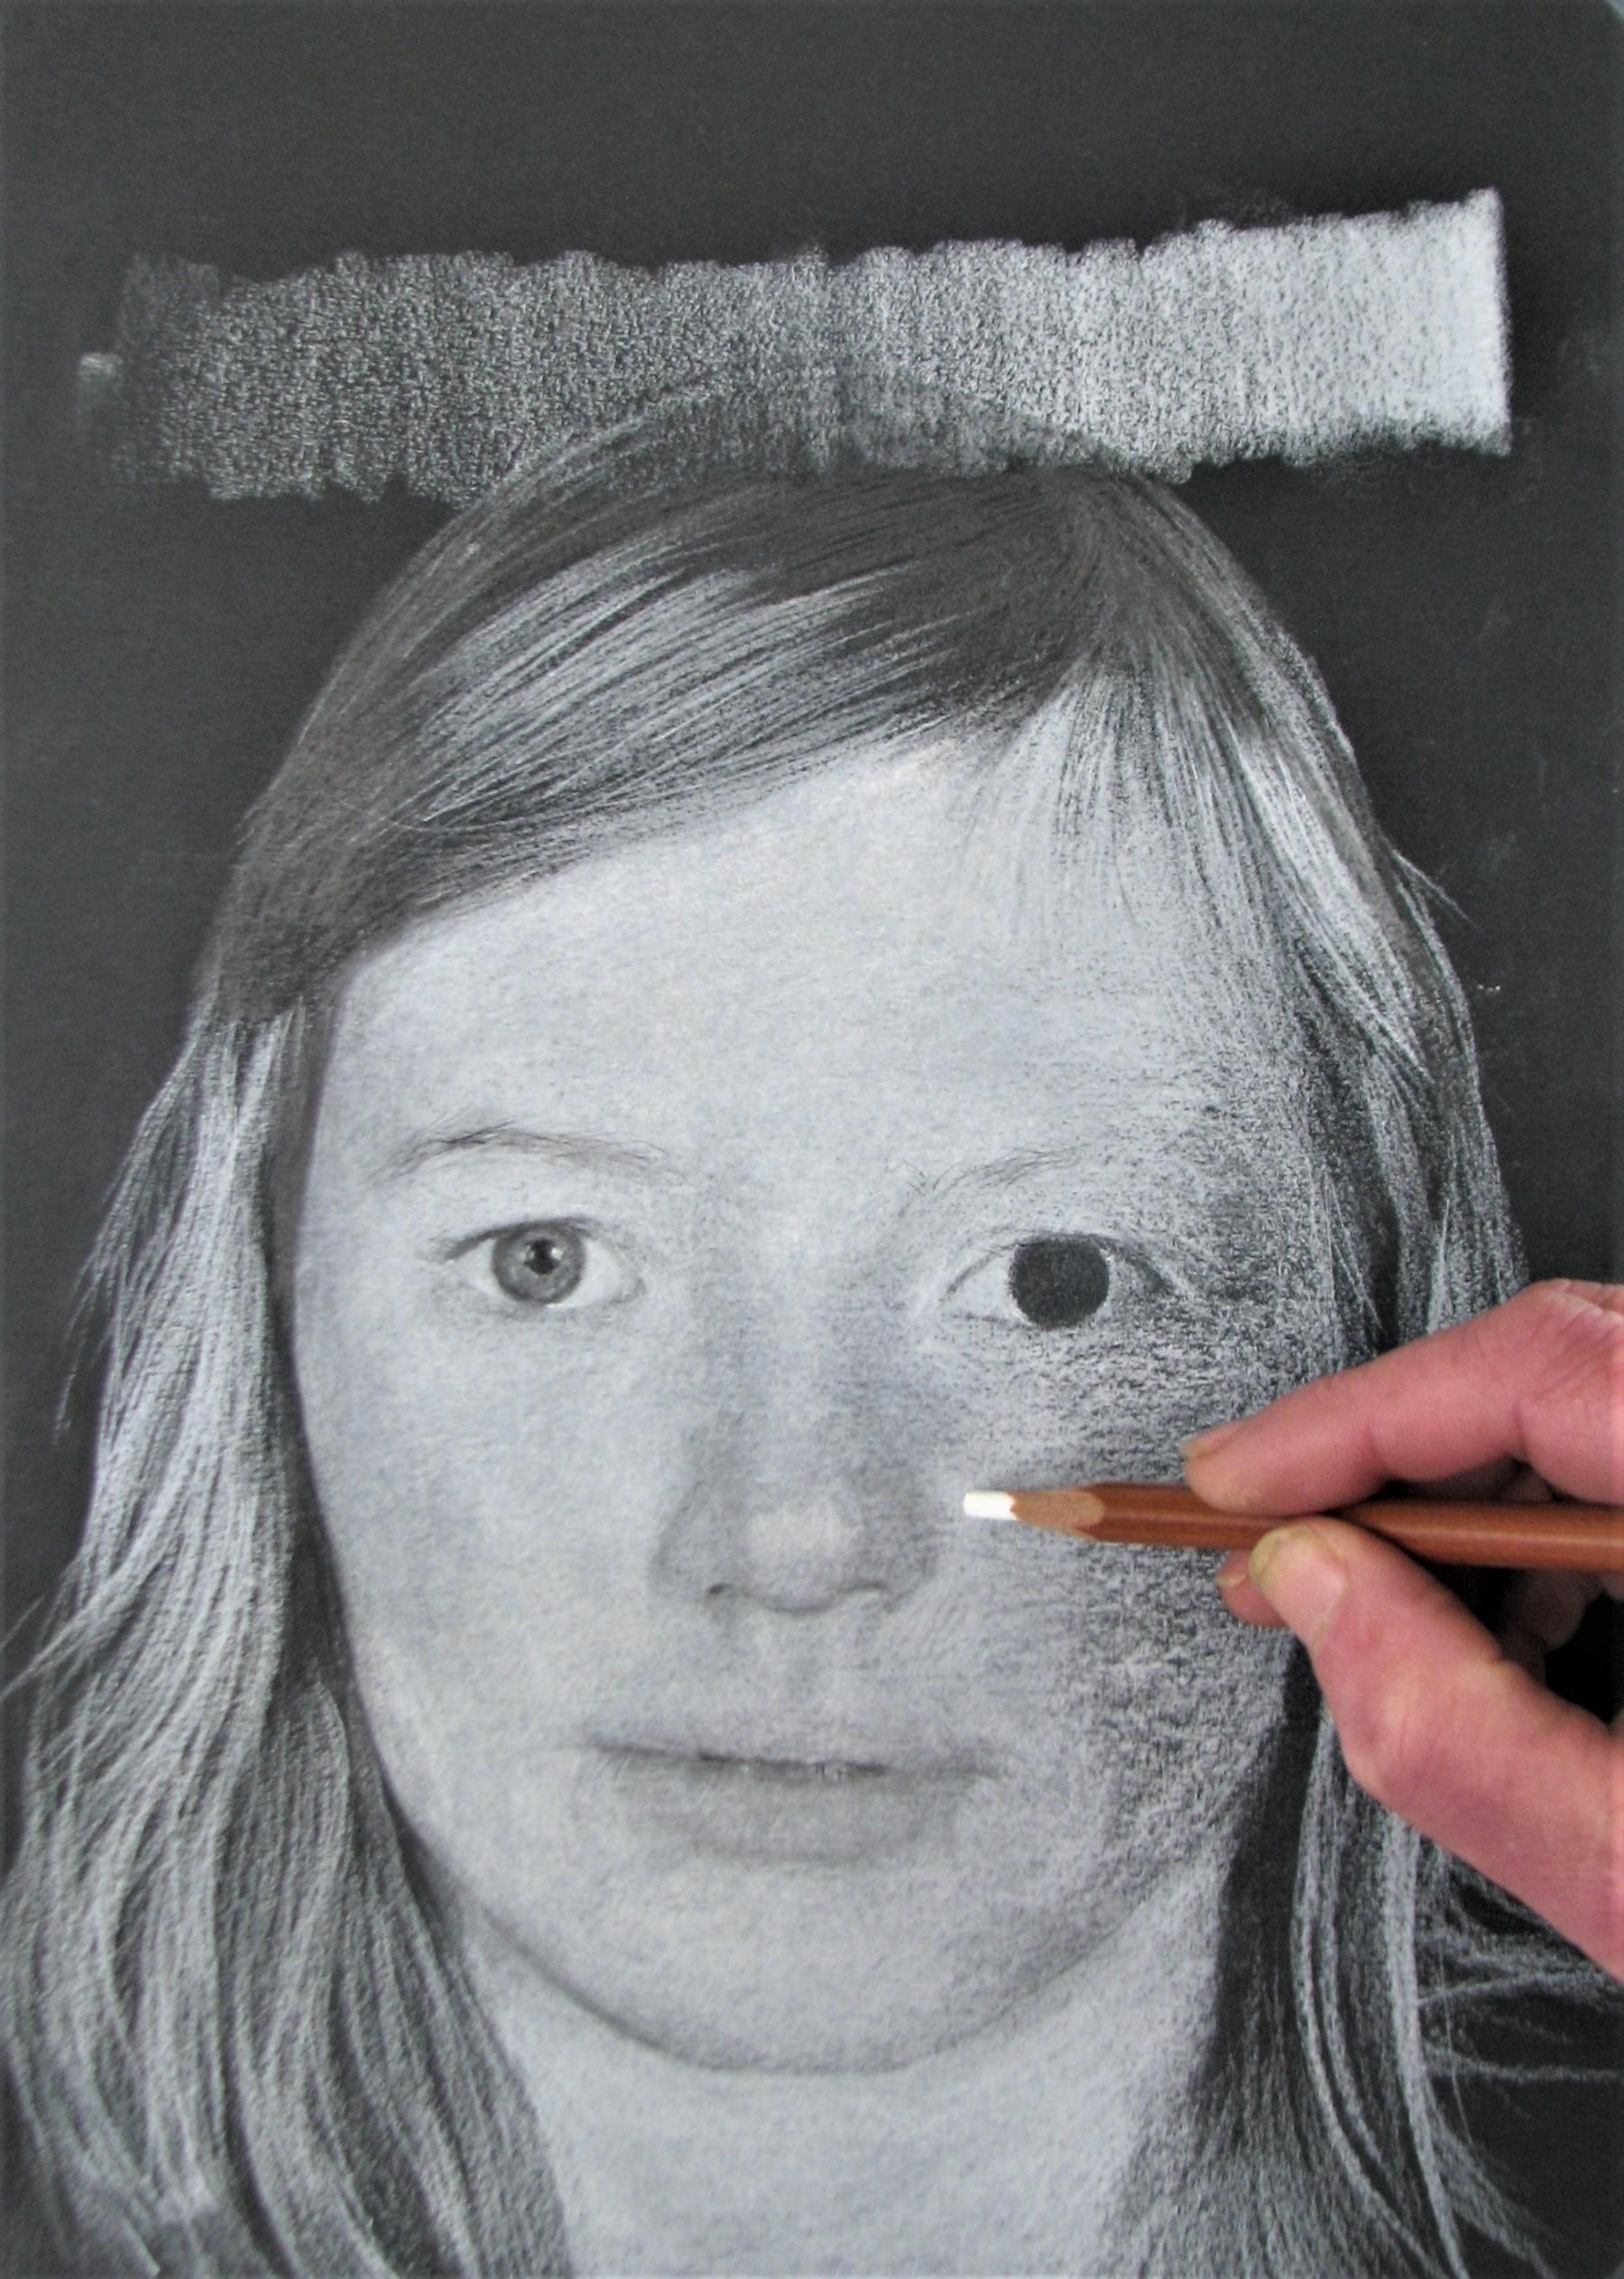 Extra tips en tricks om je kunstwerk nog te verfijnen? Dat leer je in onze vervolmakingscursussen Potrettekenen voor gevorderden. Cursus fotorealistisch portrettekenen gevorderden.